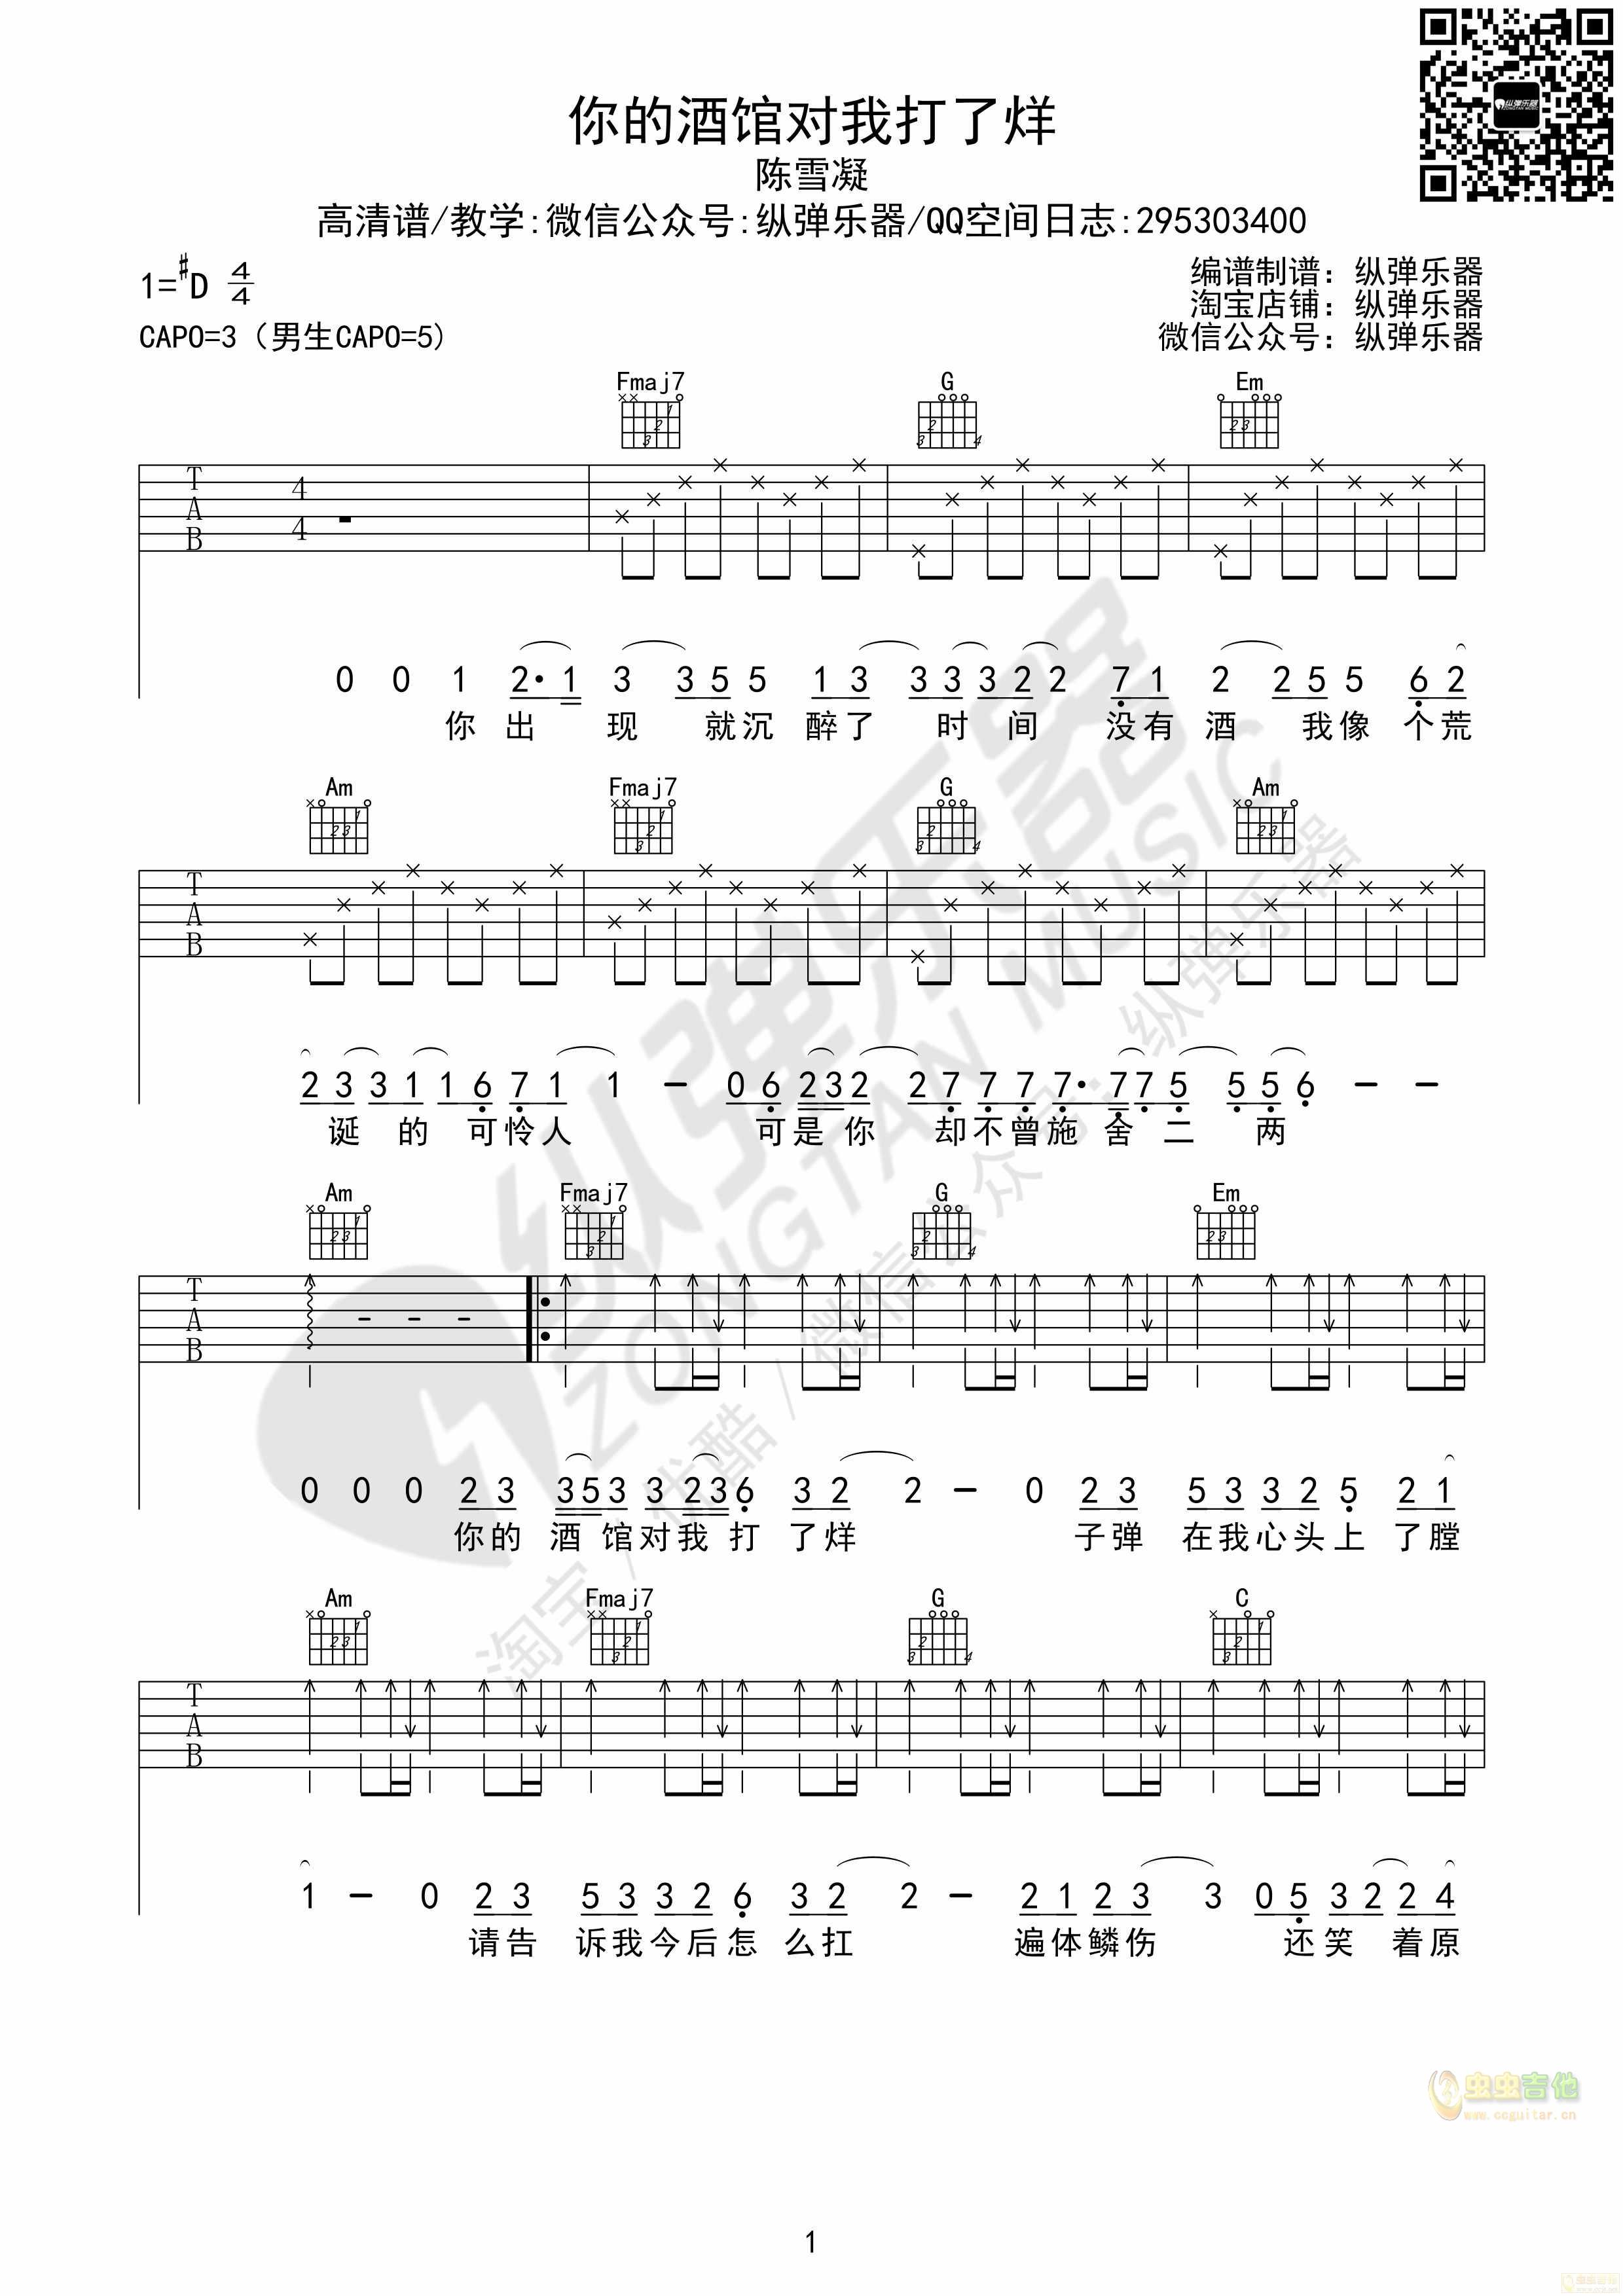 《你的酒馆对我打了烊》陈雪凝原版吉他谱-C大调音乐网